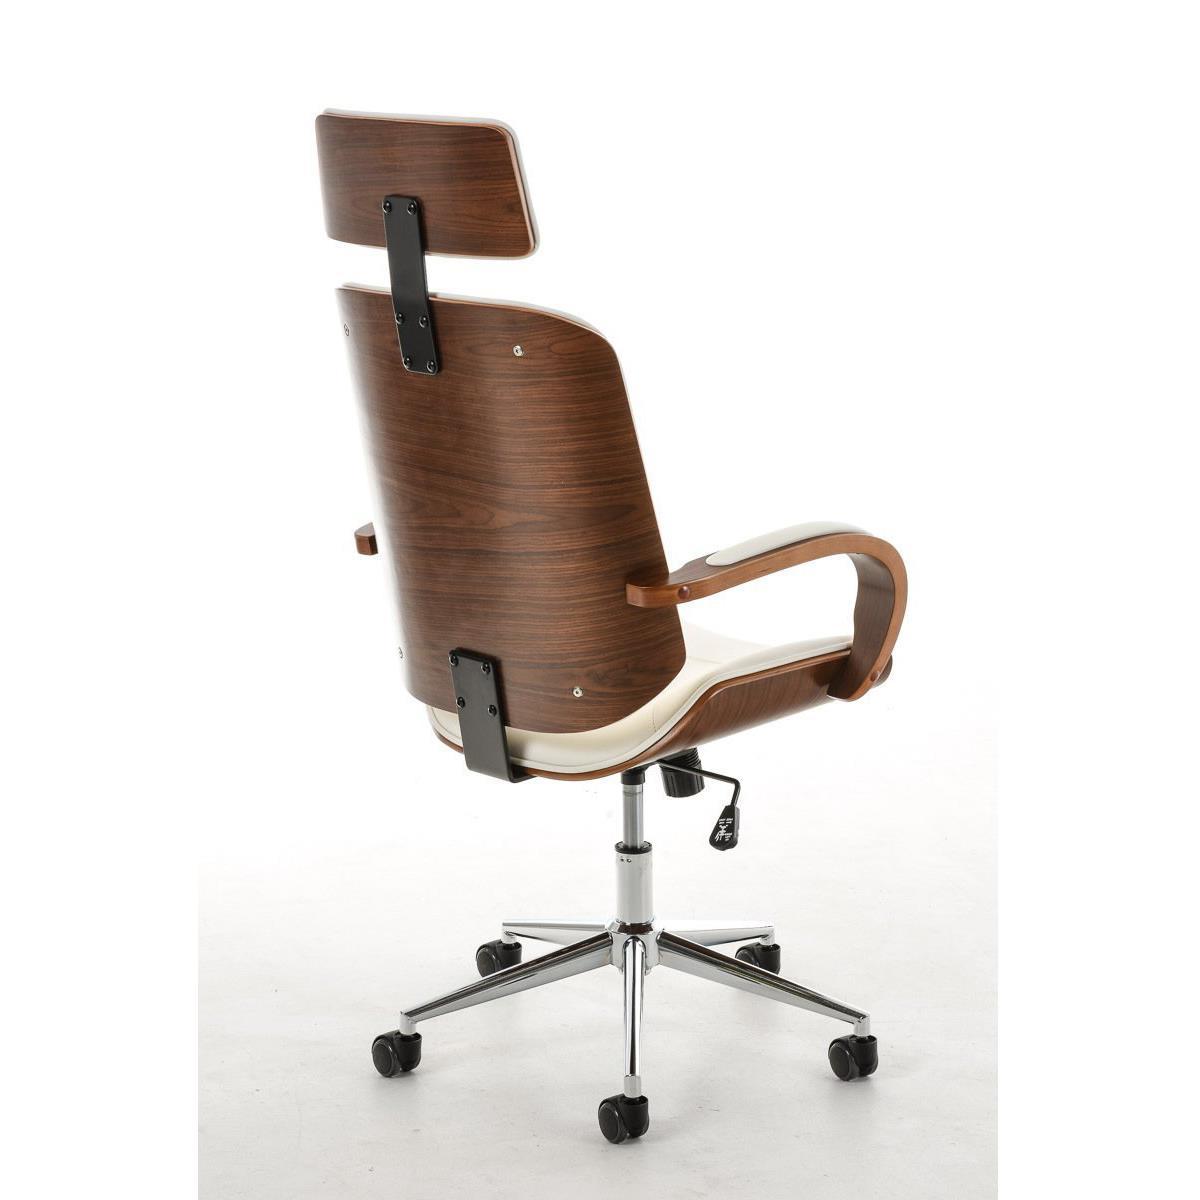 Sedia da ufficio JUTTA, design unico in legno e pelle ...